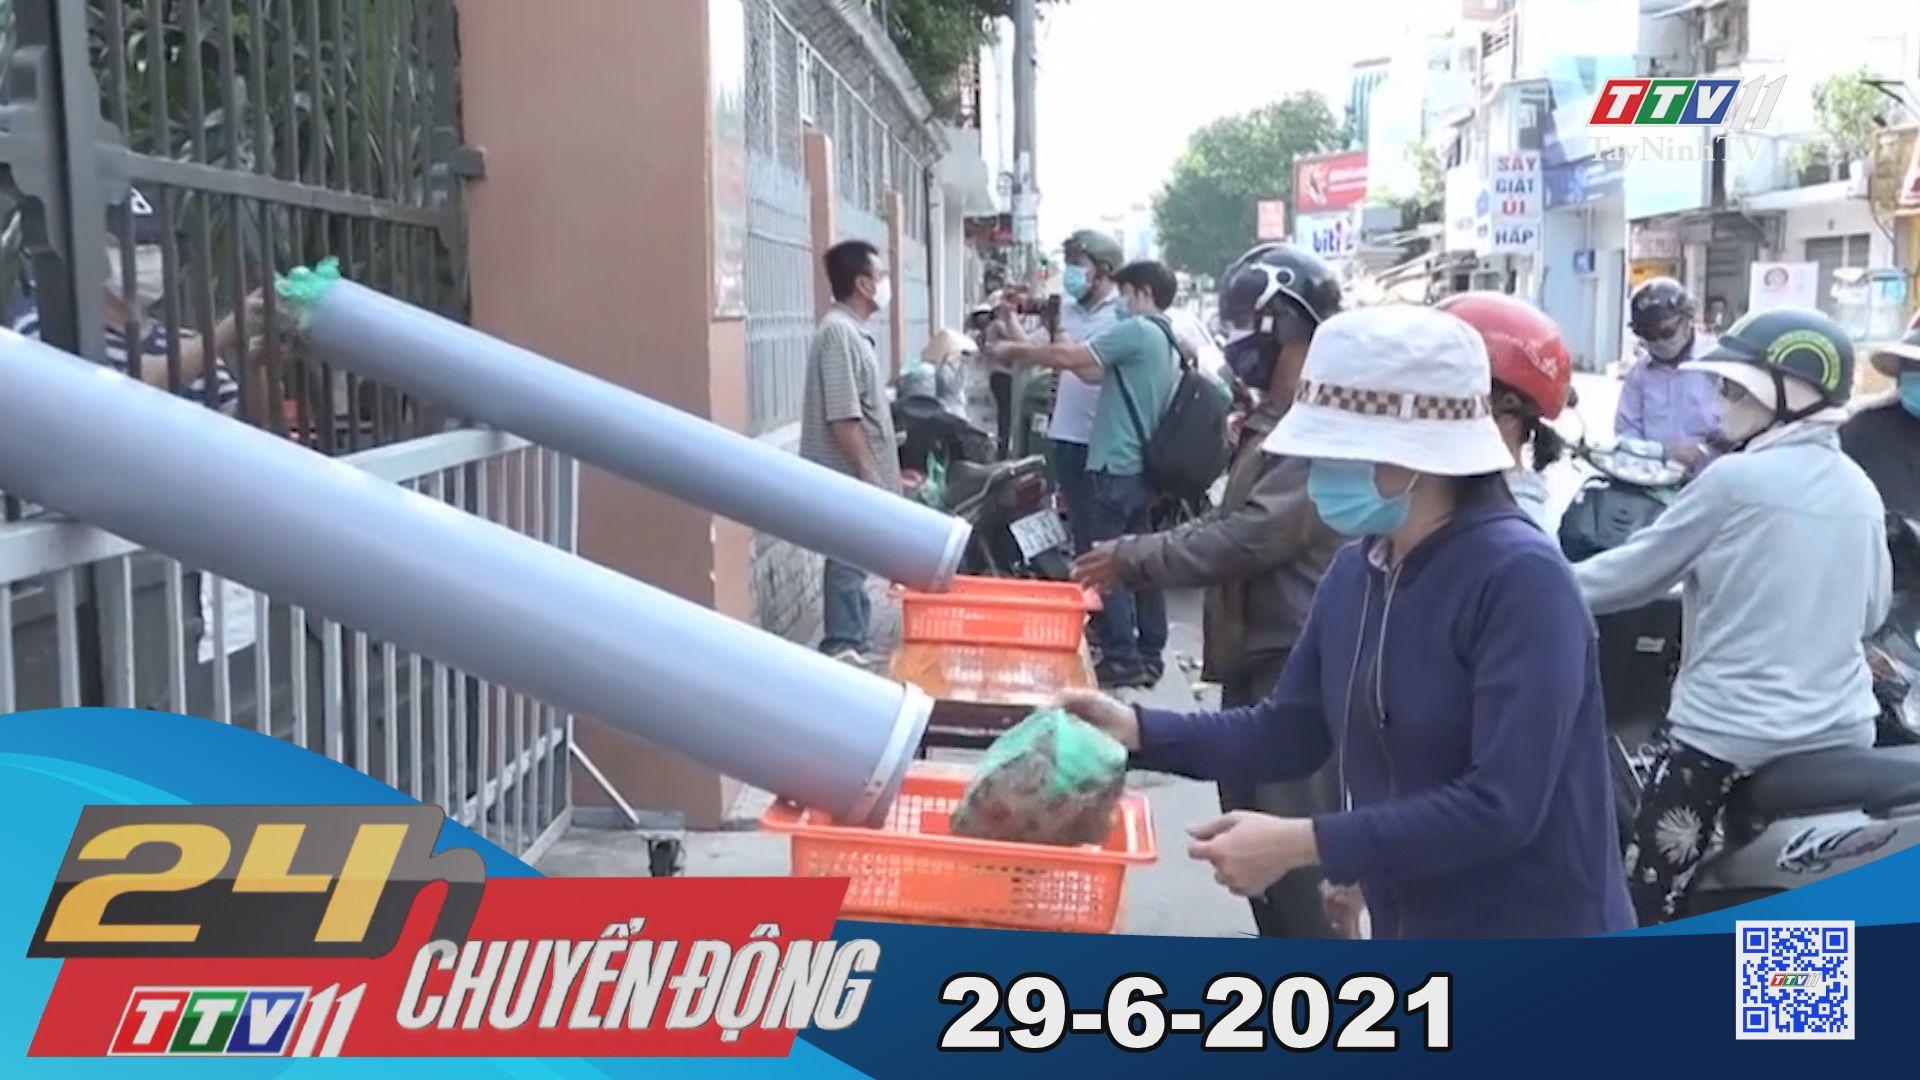 24h Chuyển động 29-6-2021   Tin tức hôm nay   TayNinhTV